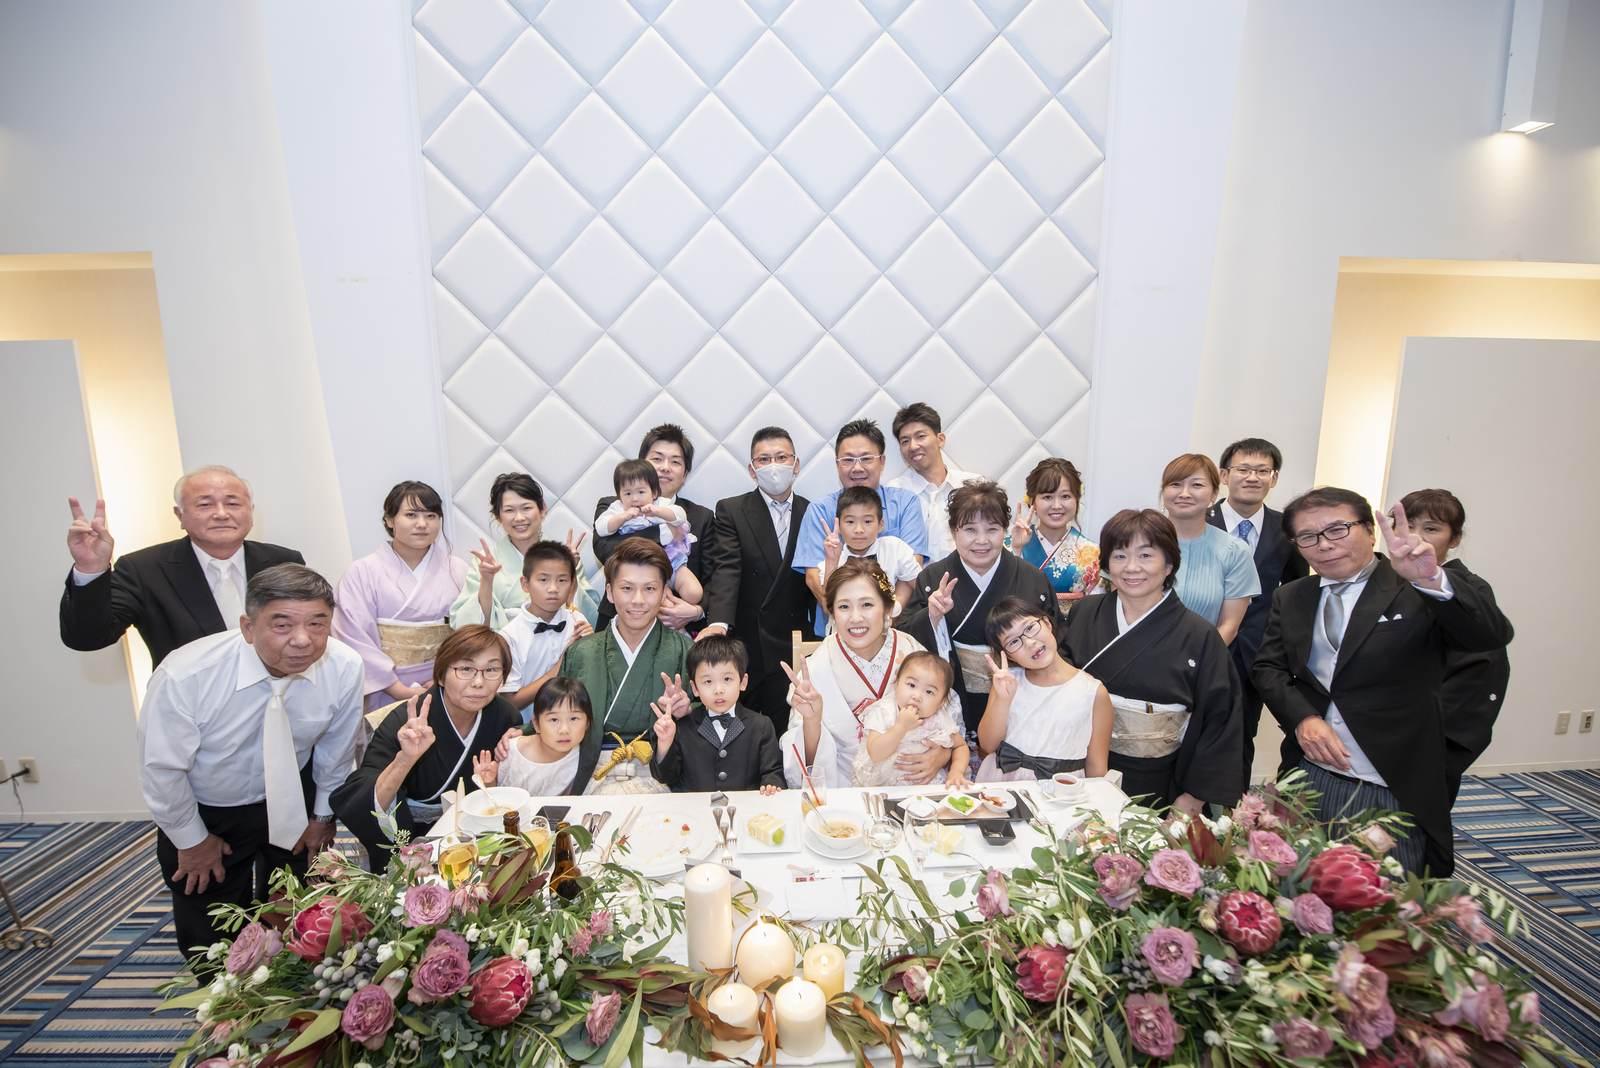 香川県の結婚式場シェルエメール&アイスタイルの集合写真